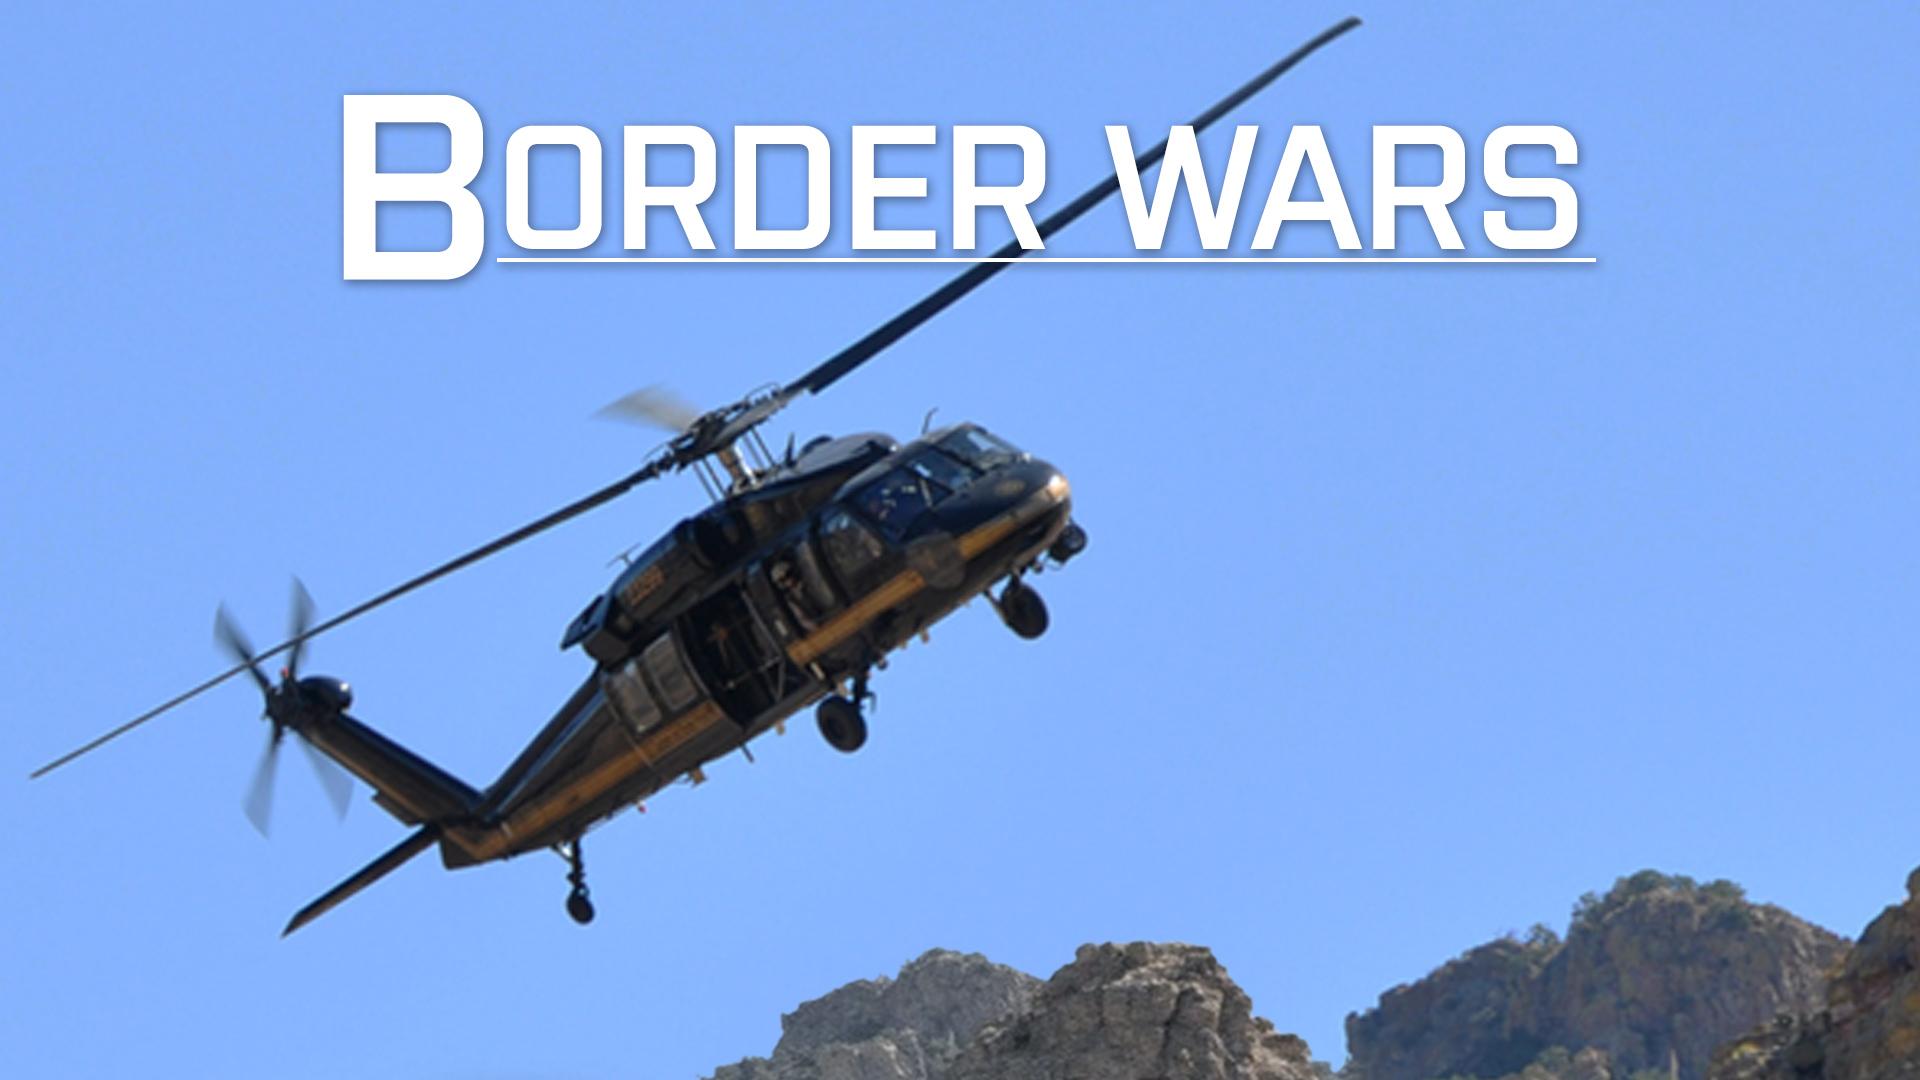 Border Wars Season 1